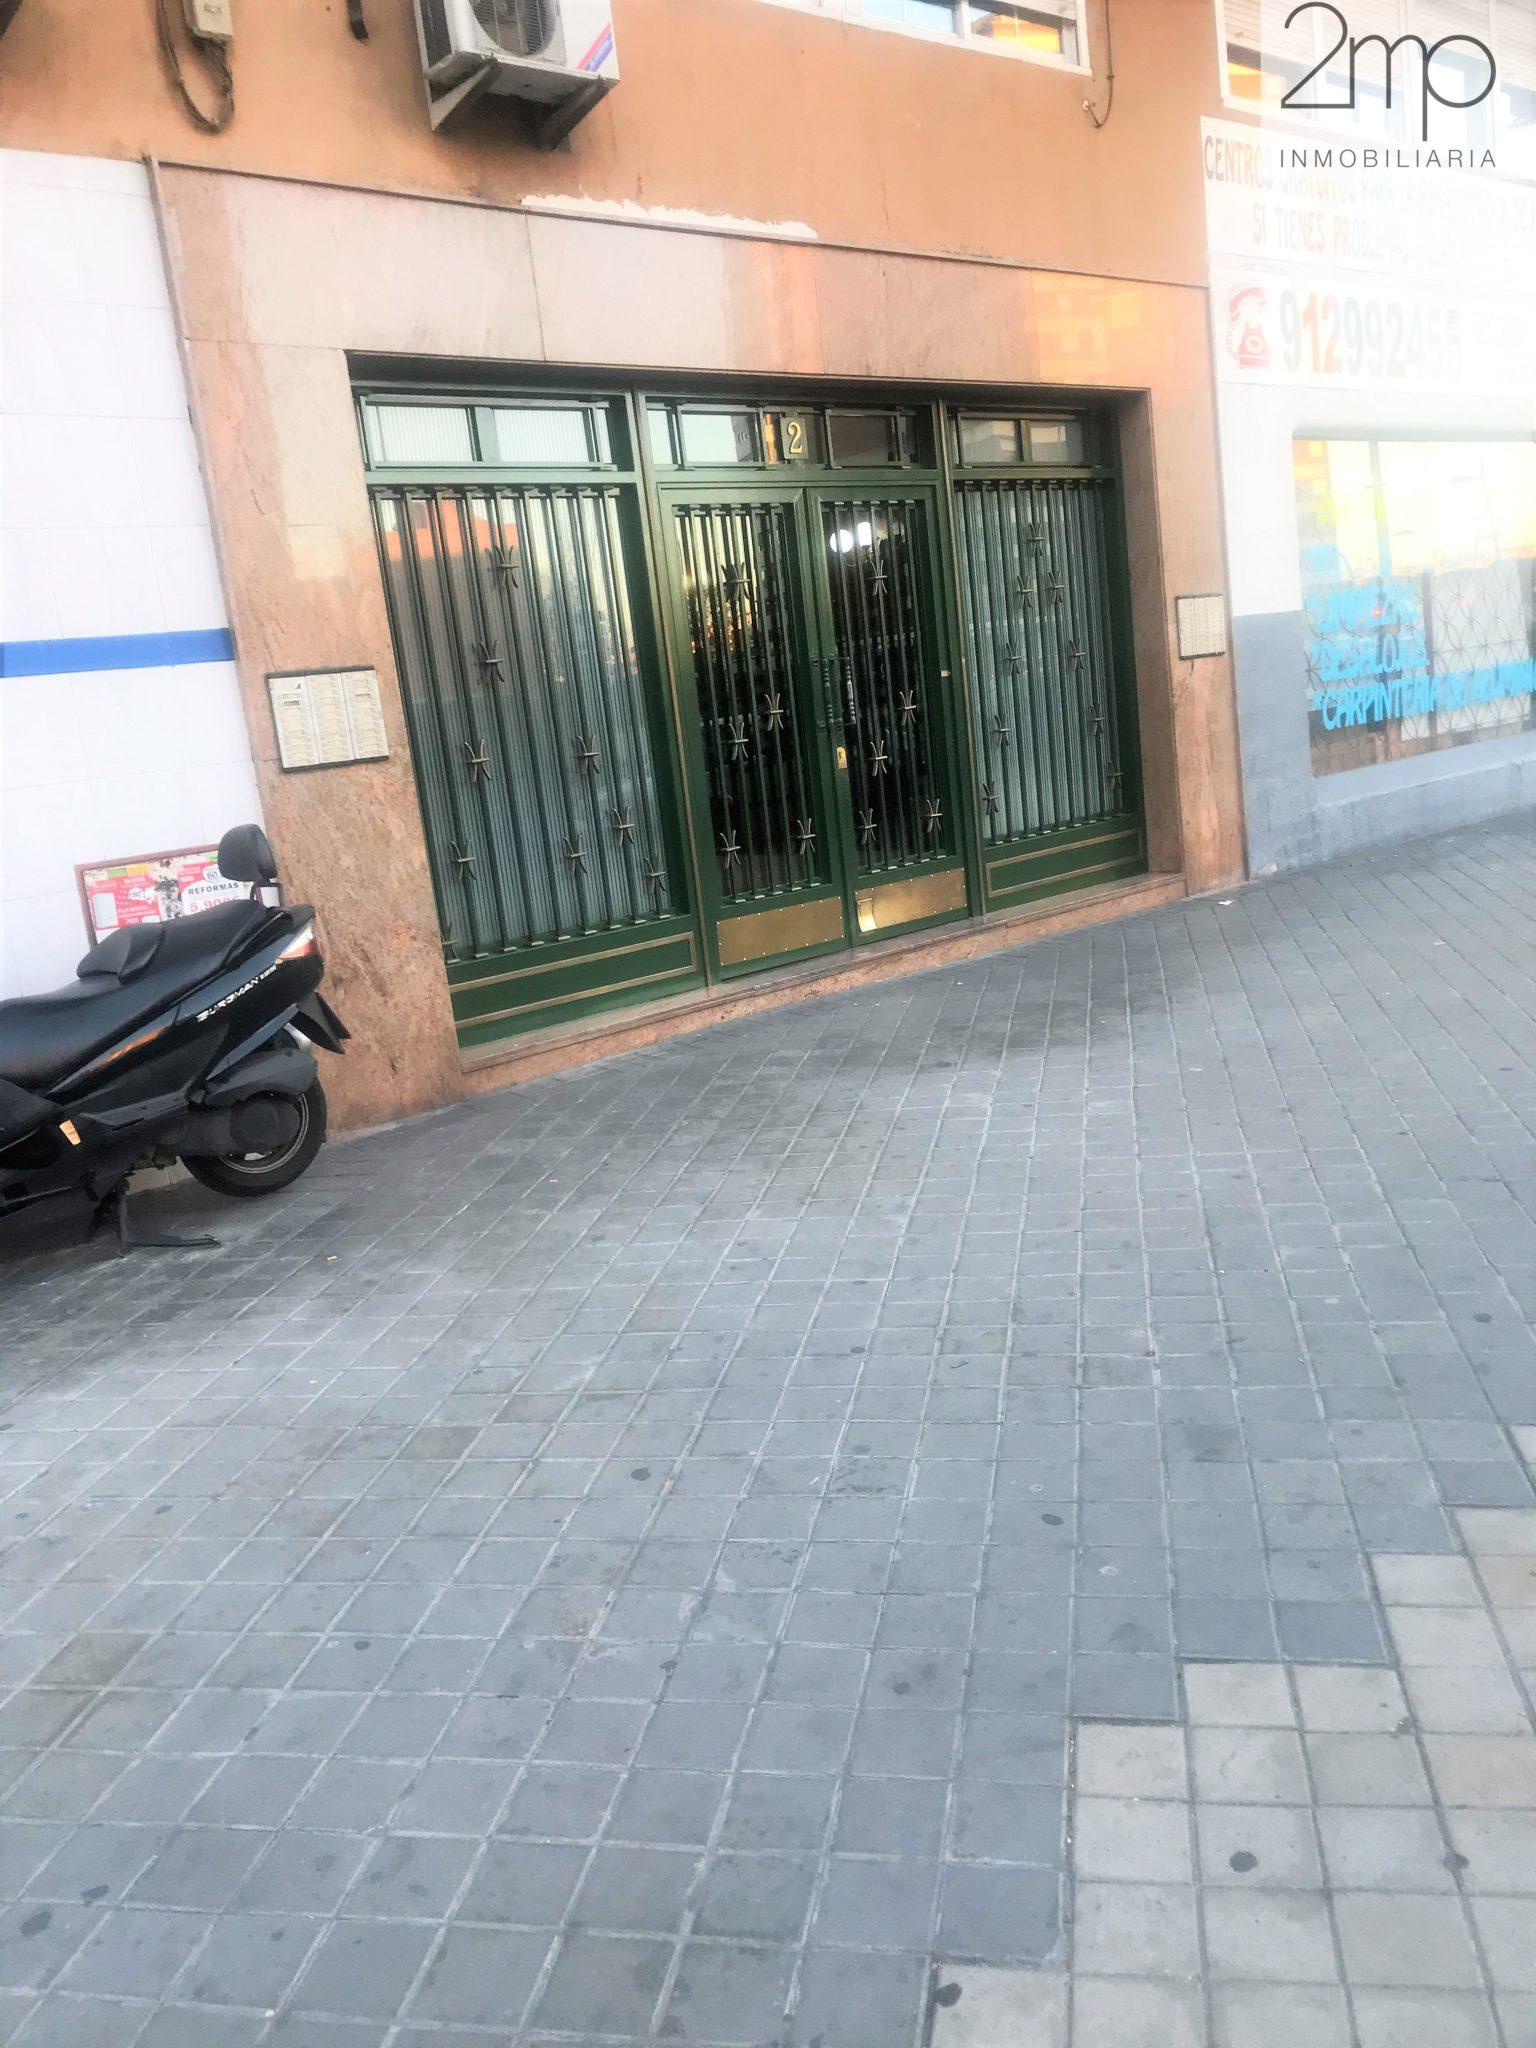 Piso en Av. Córdoba, Madrid